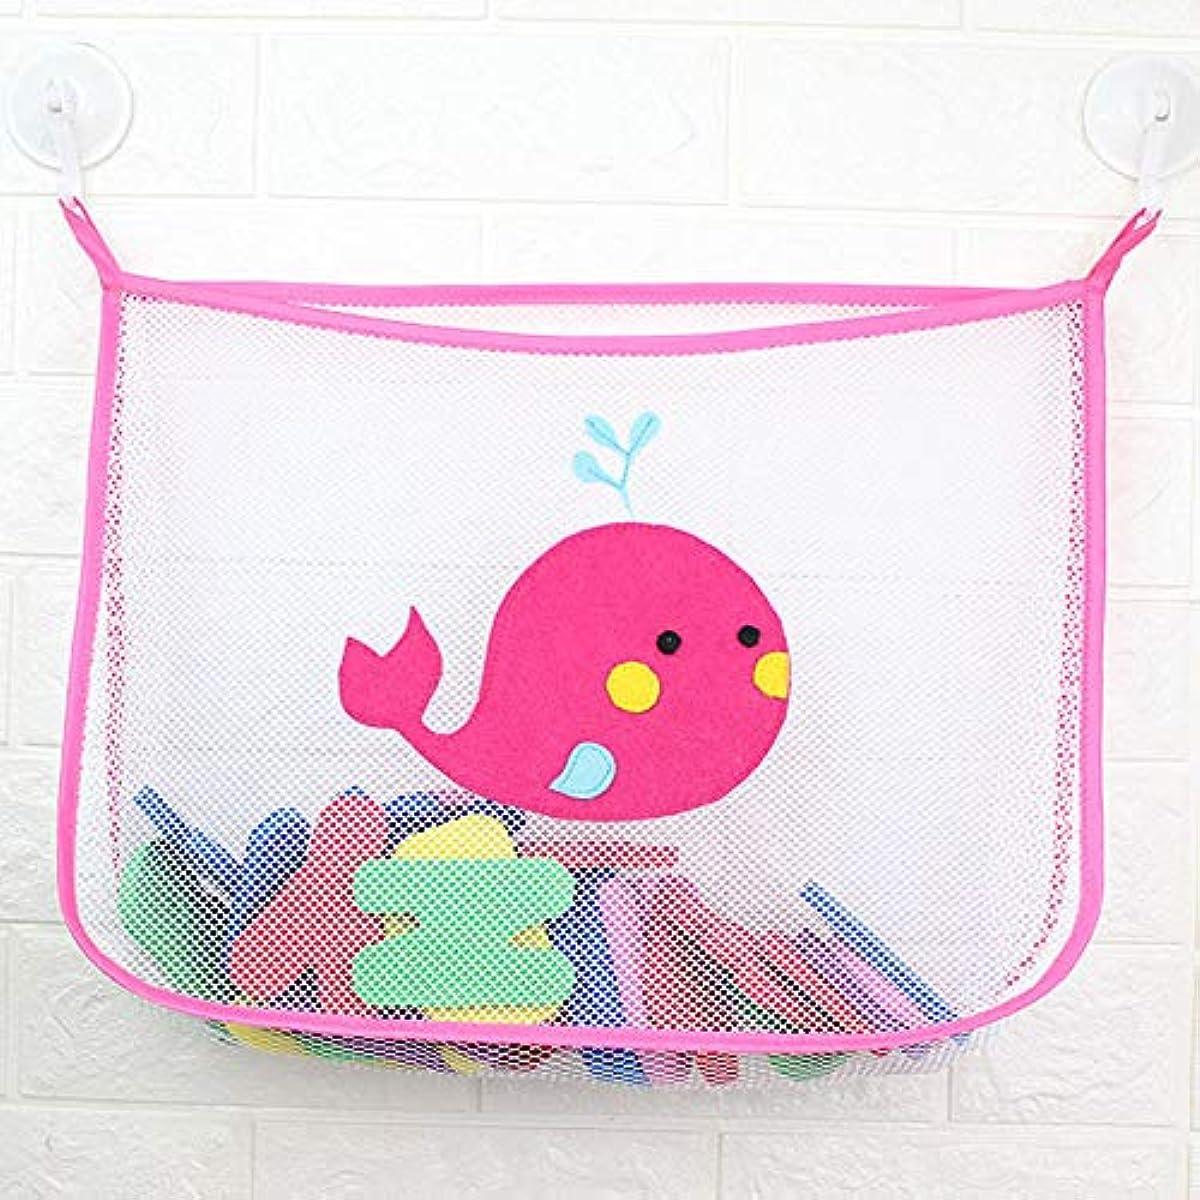 検索エンジンマーケティング両方忌み嫌うベビーシャワー風呂のおもちゃ小さなアヒル小さなカエルの赤ちゃん子供のおもちゃ収納メッシュで強い吸盤玩具バッグネット浴室オーガナイザー (ピンク)